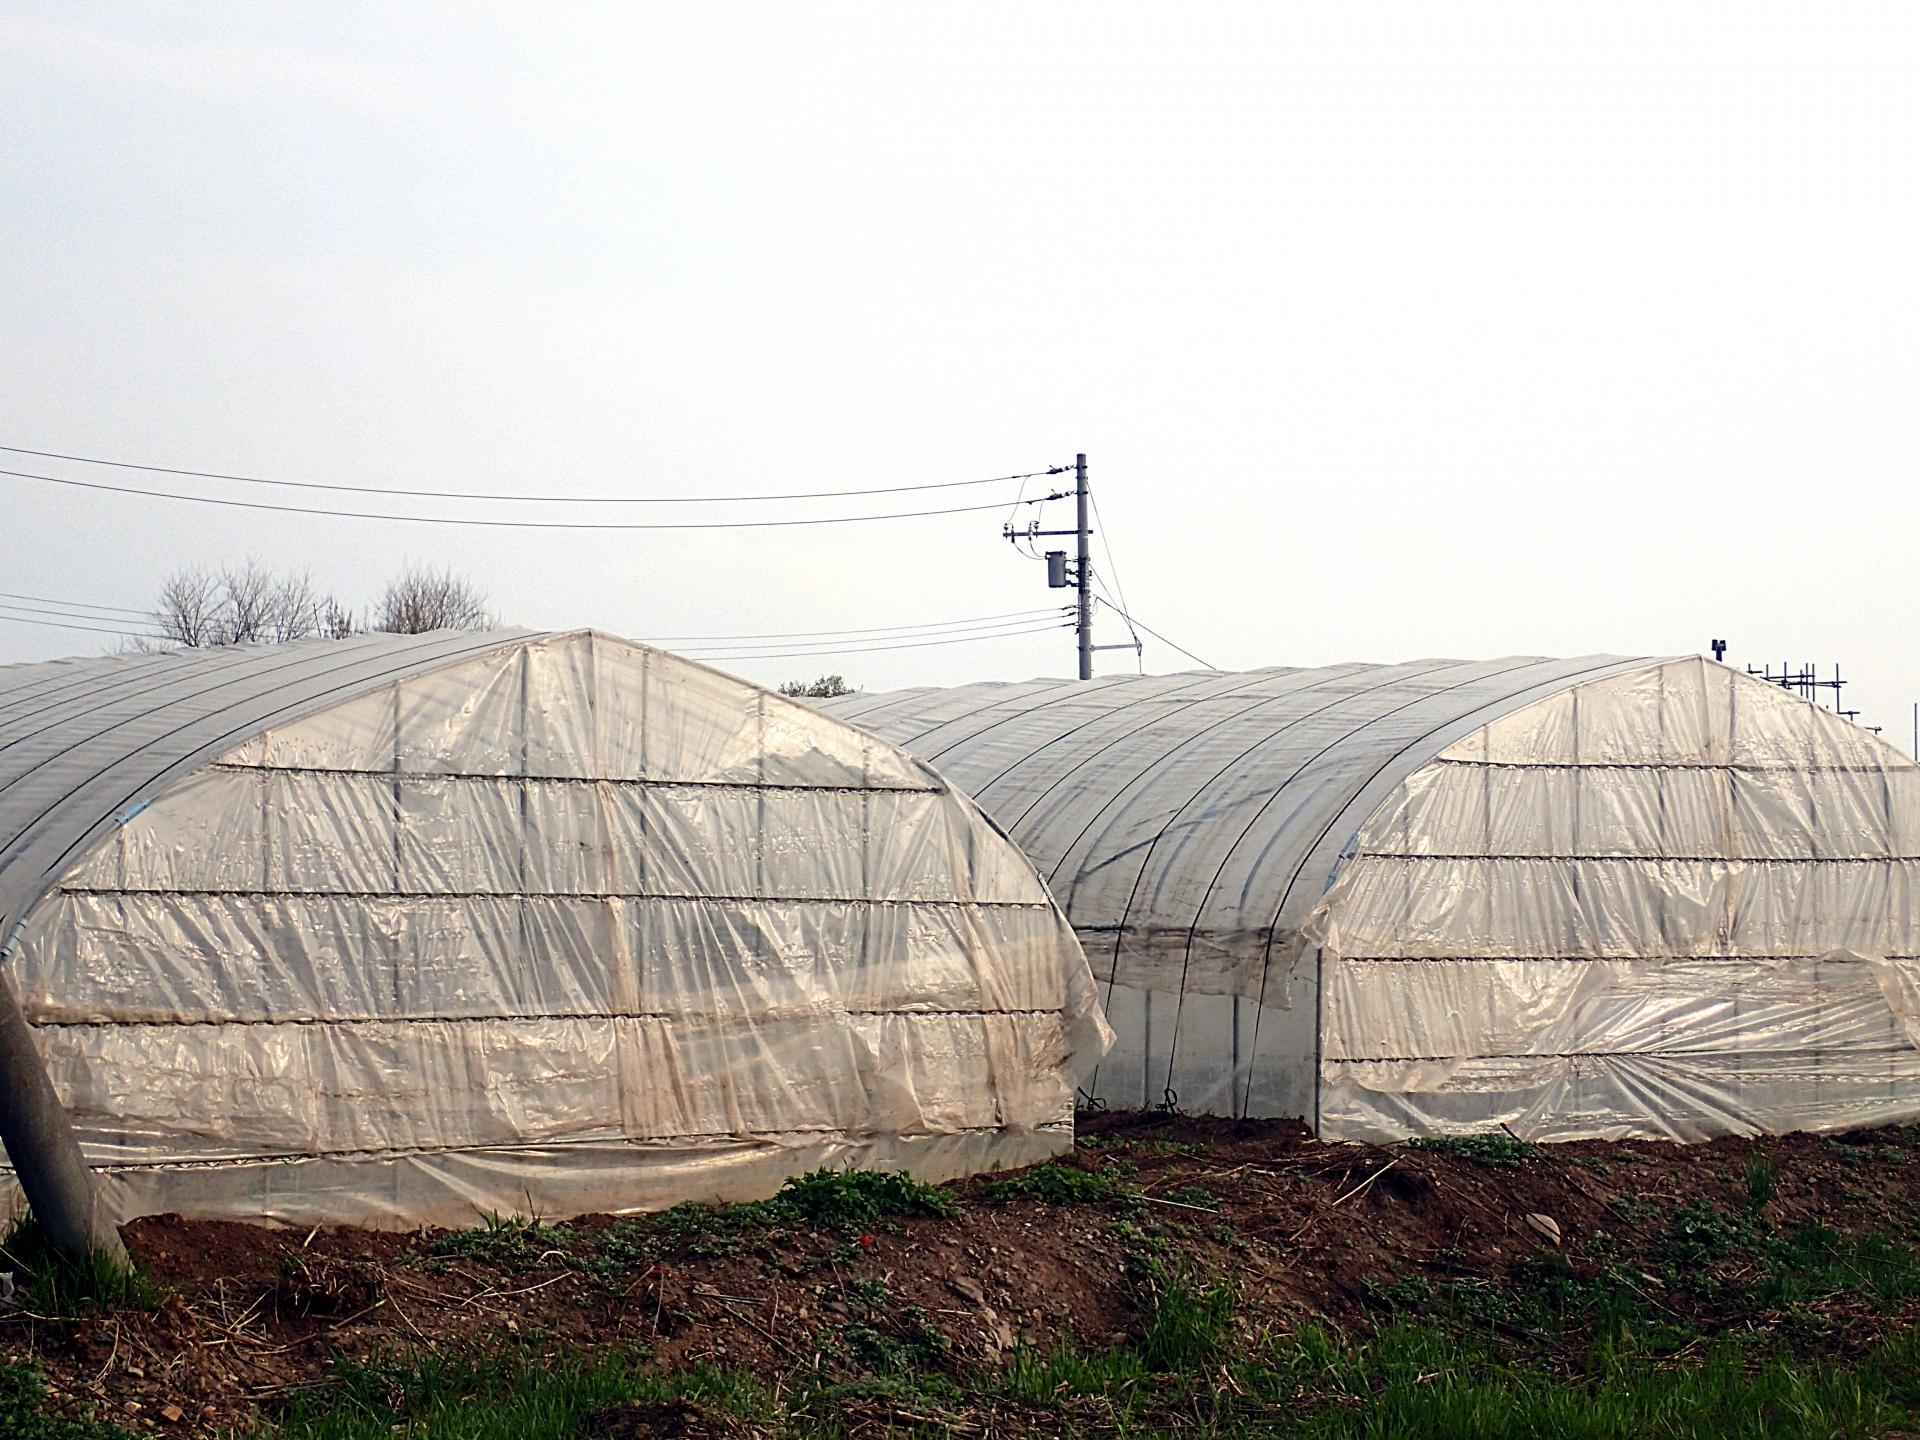 【IoT活用事例】スマート農業とは?IoT・ICTを活用したスマート農業の導入メリットと課題とは